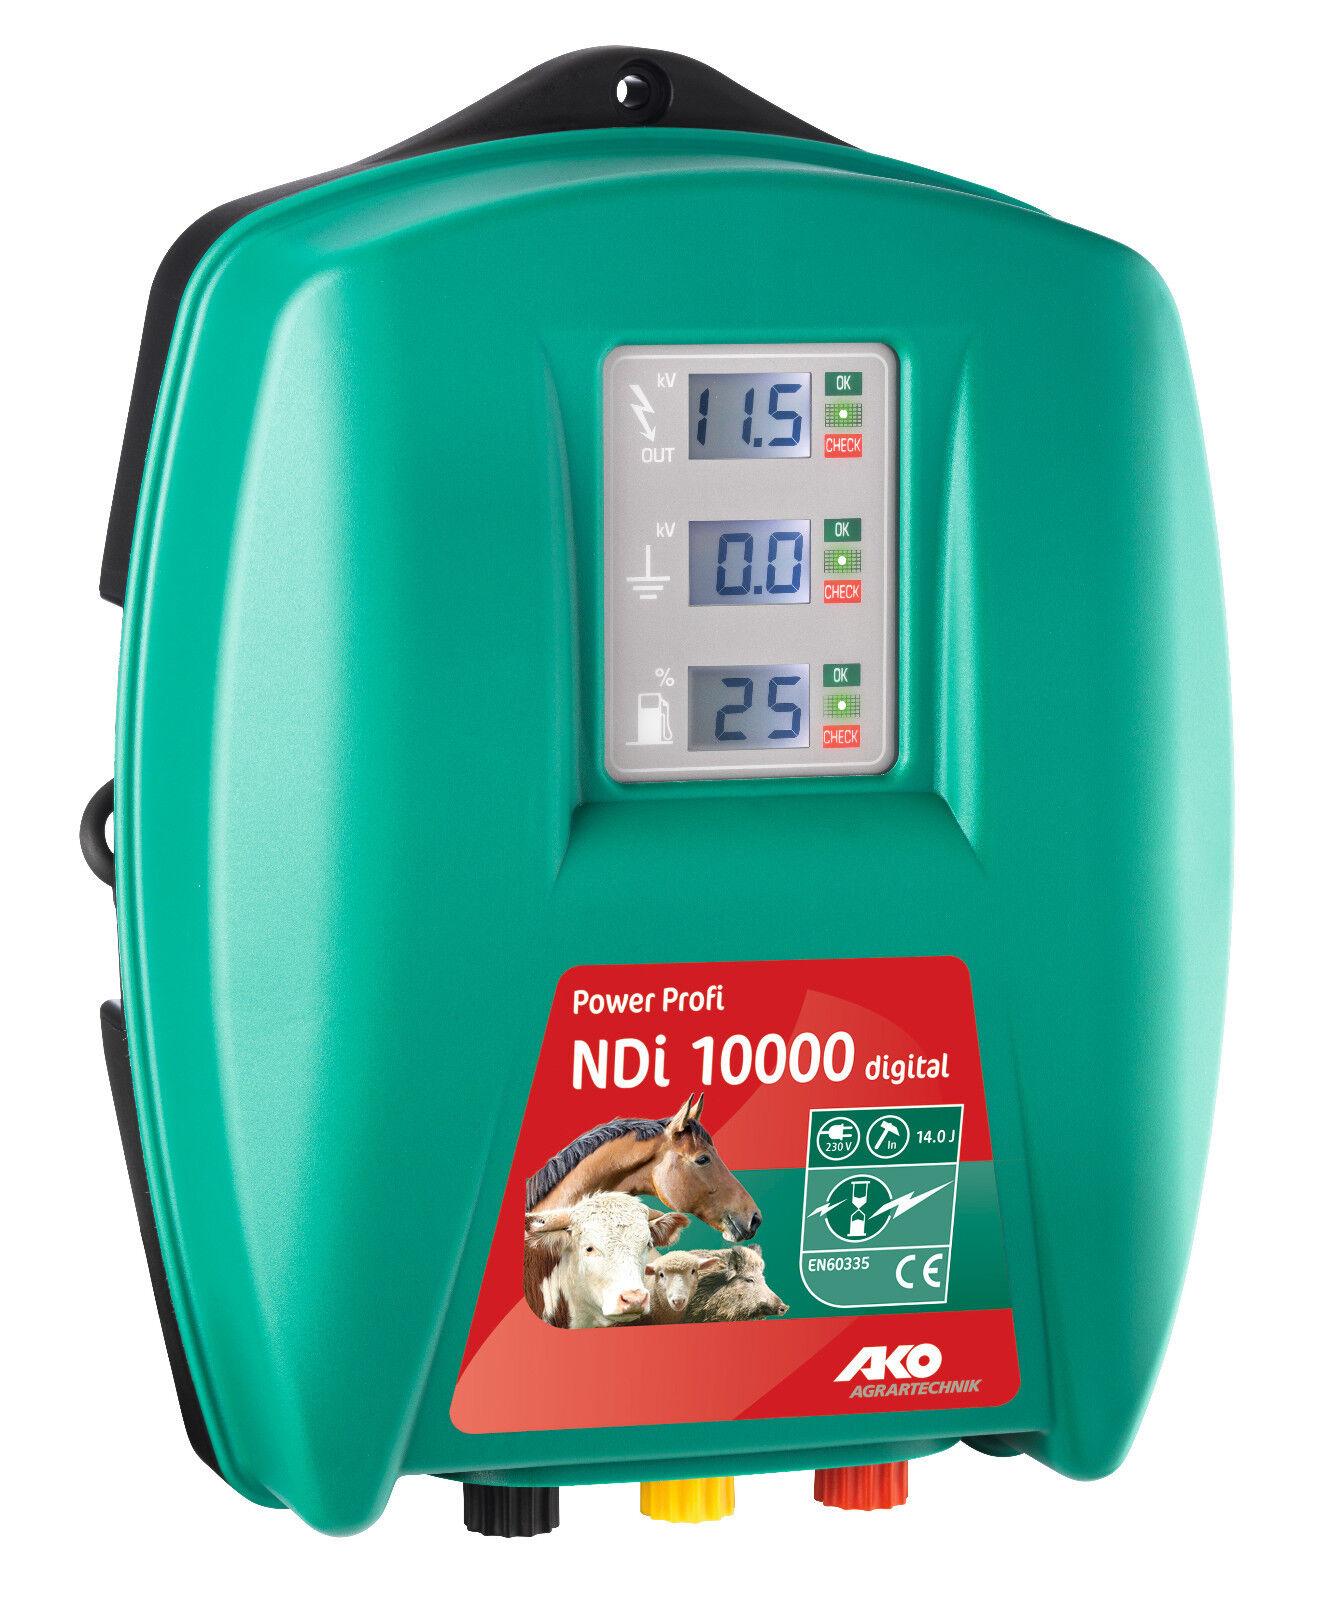 AKO Power ndi Profi 10000, 230 Volt, digitale, weidezaun dispositivo